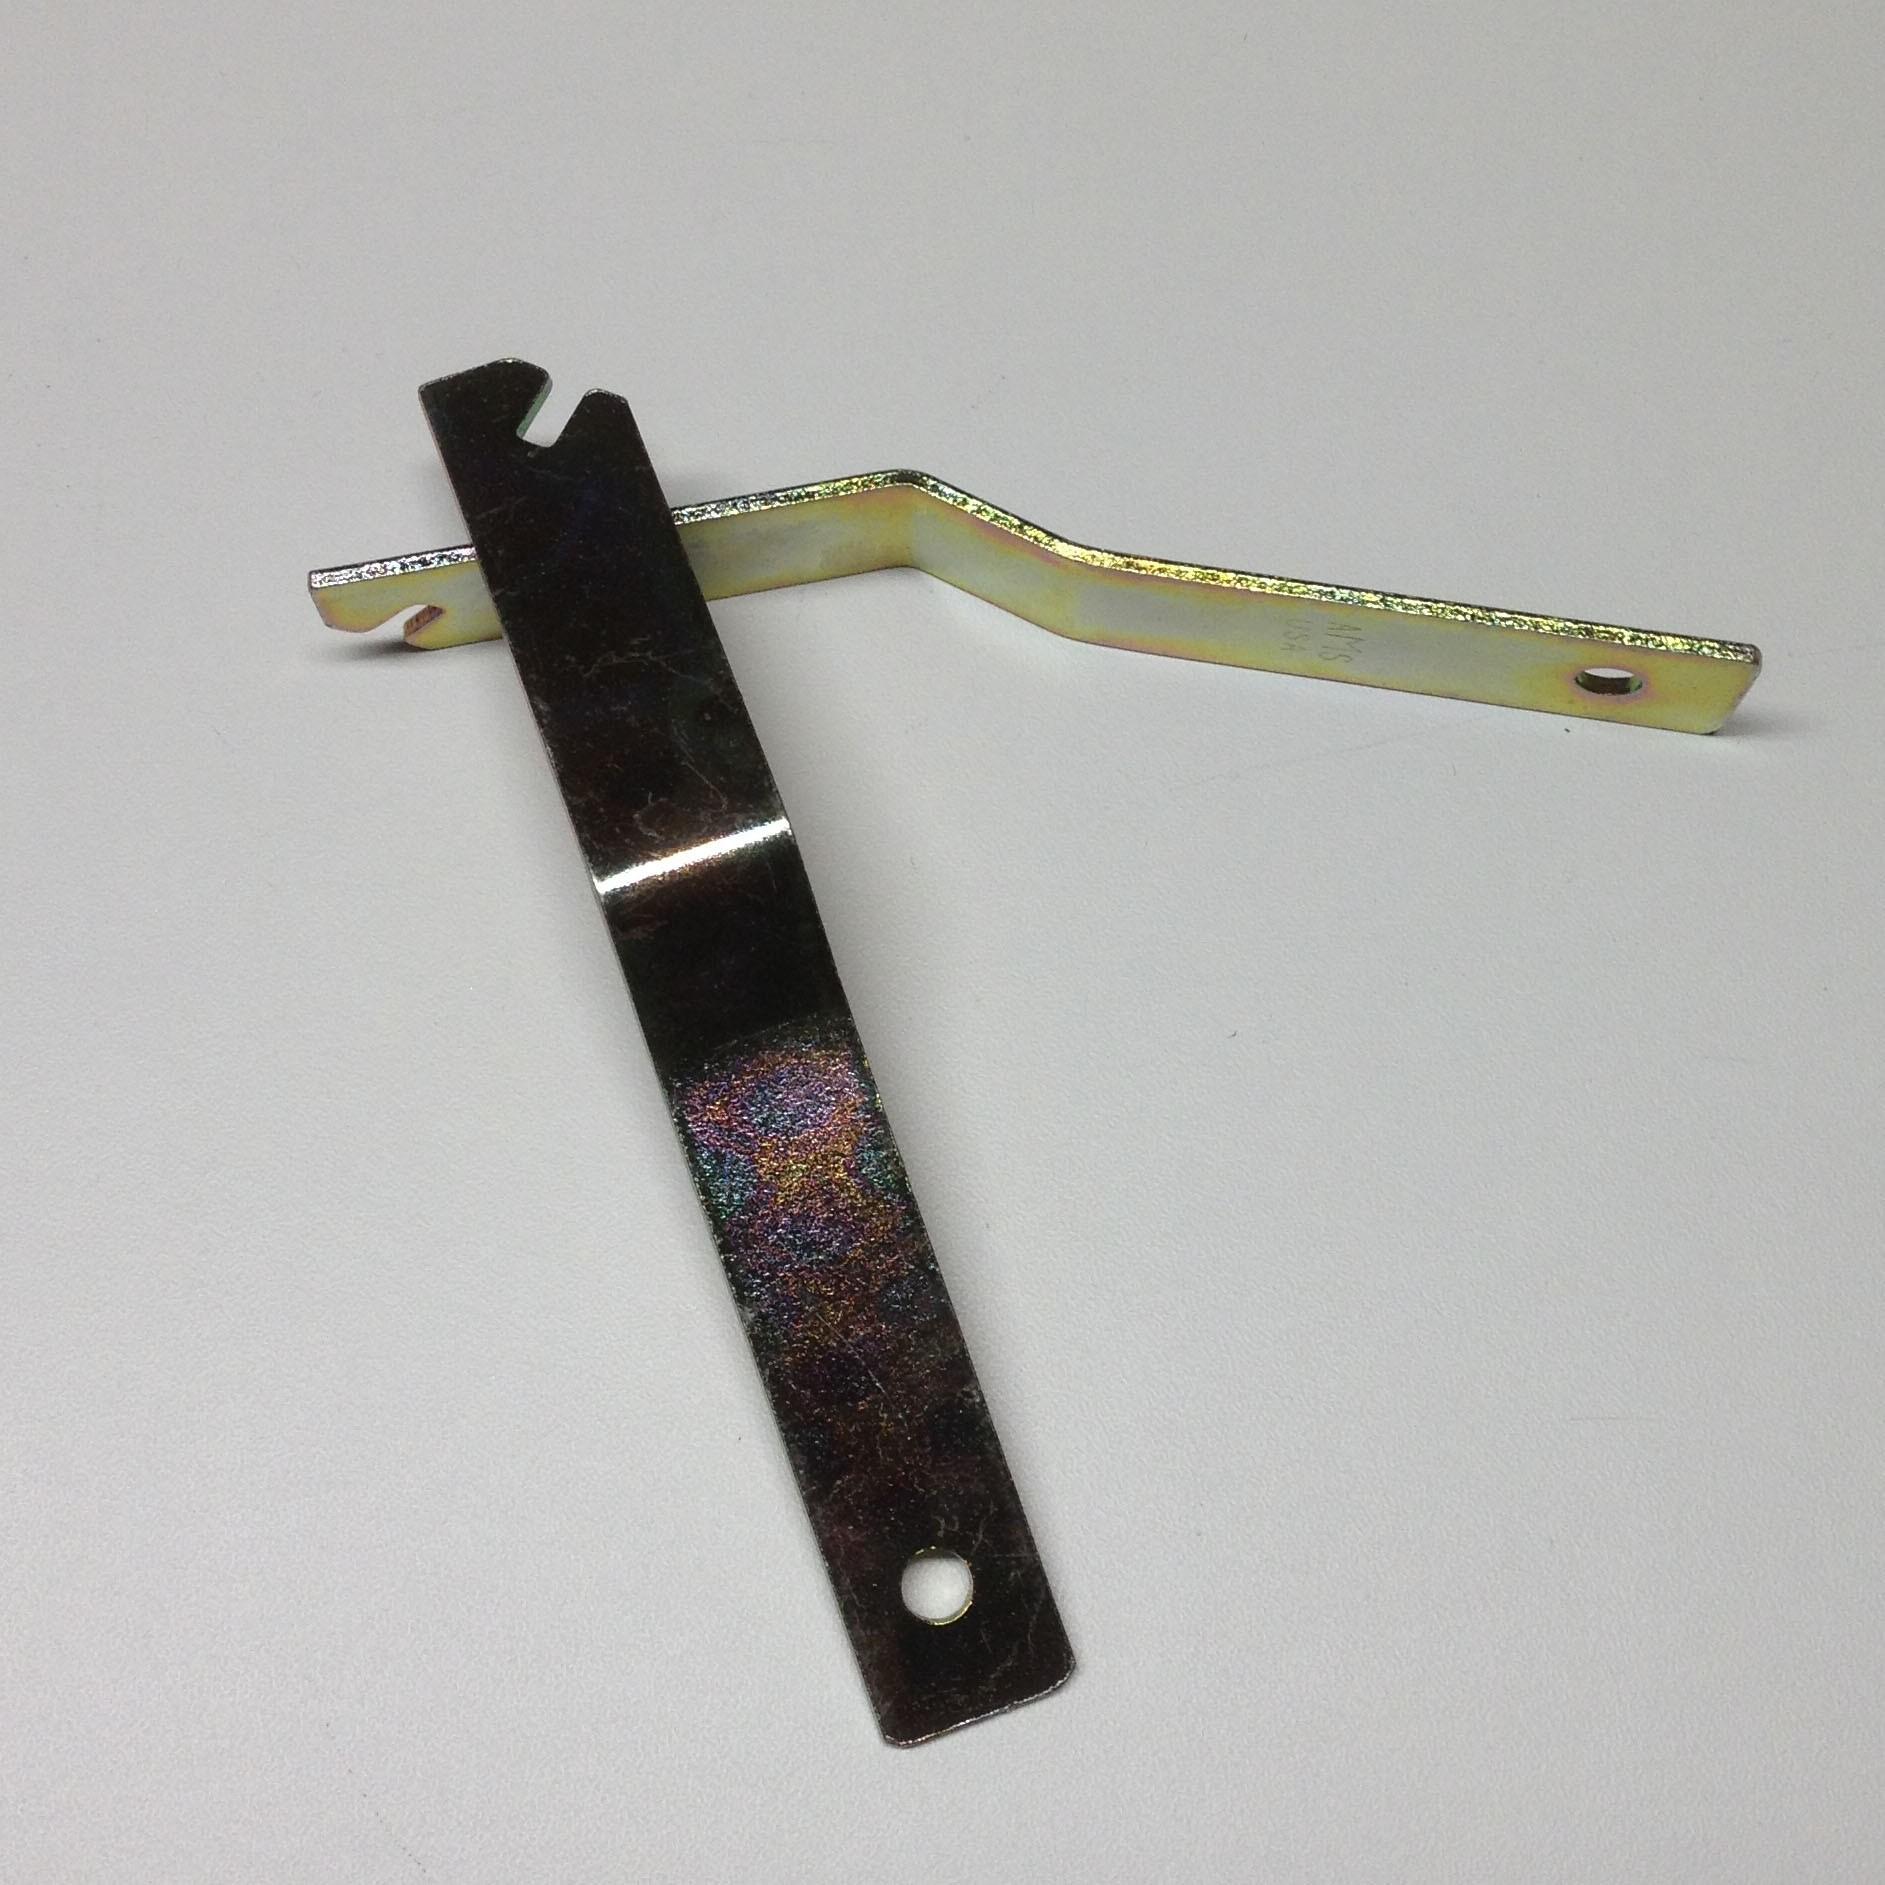 Crochet Pour Tableau Lourd clé spéciale pour antivol cadre bois newly clé spéciale pour